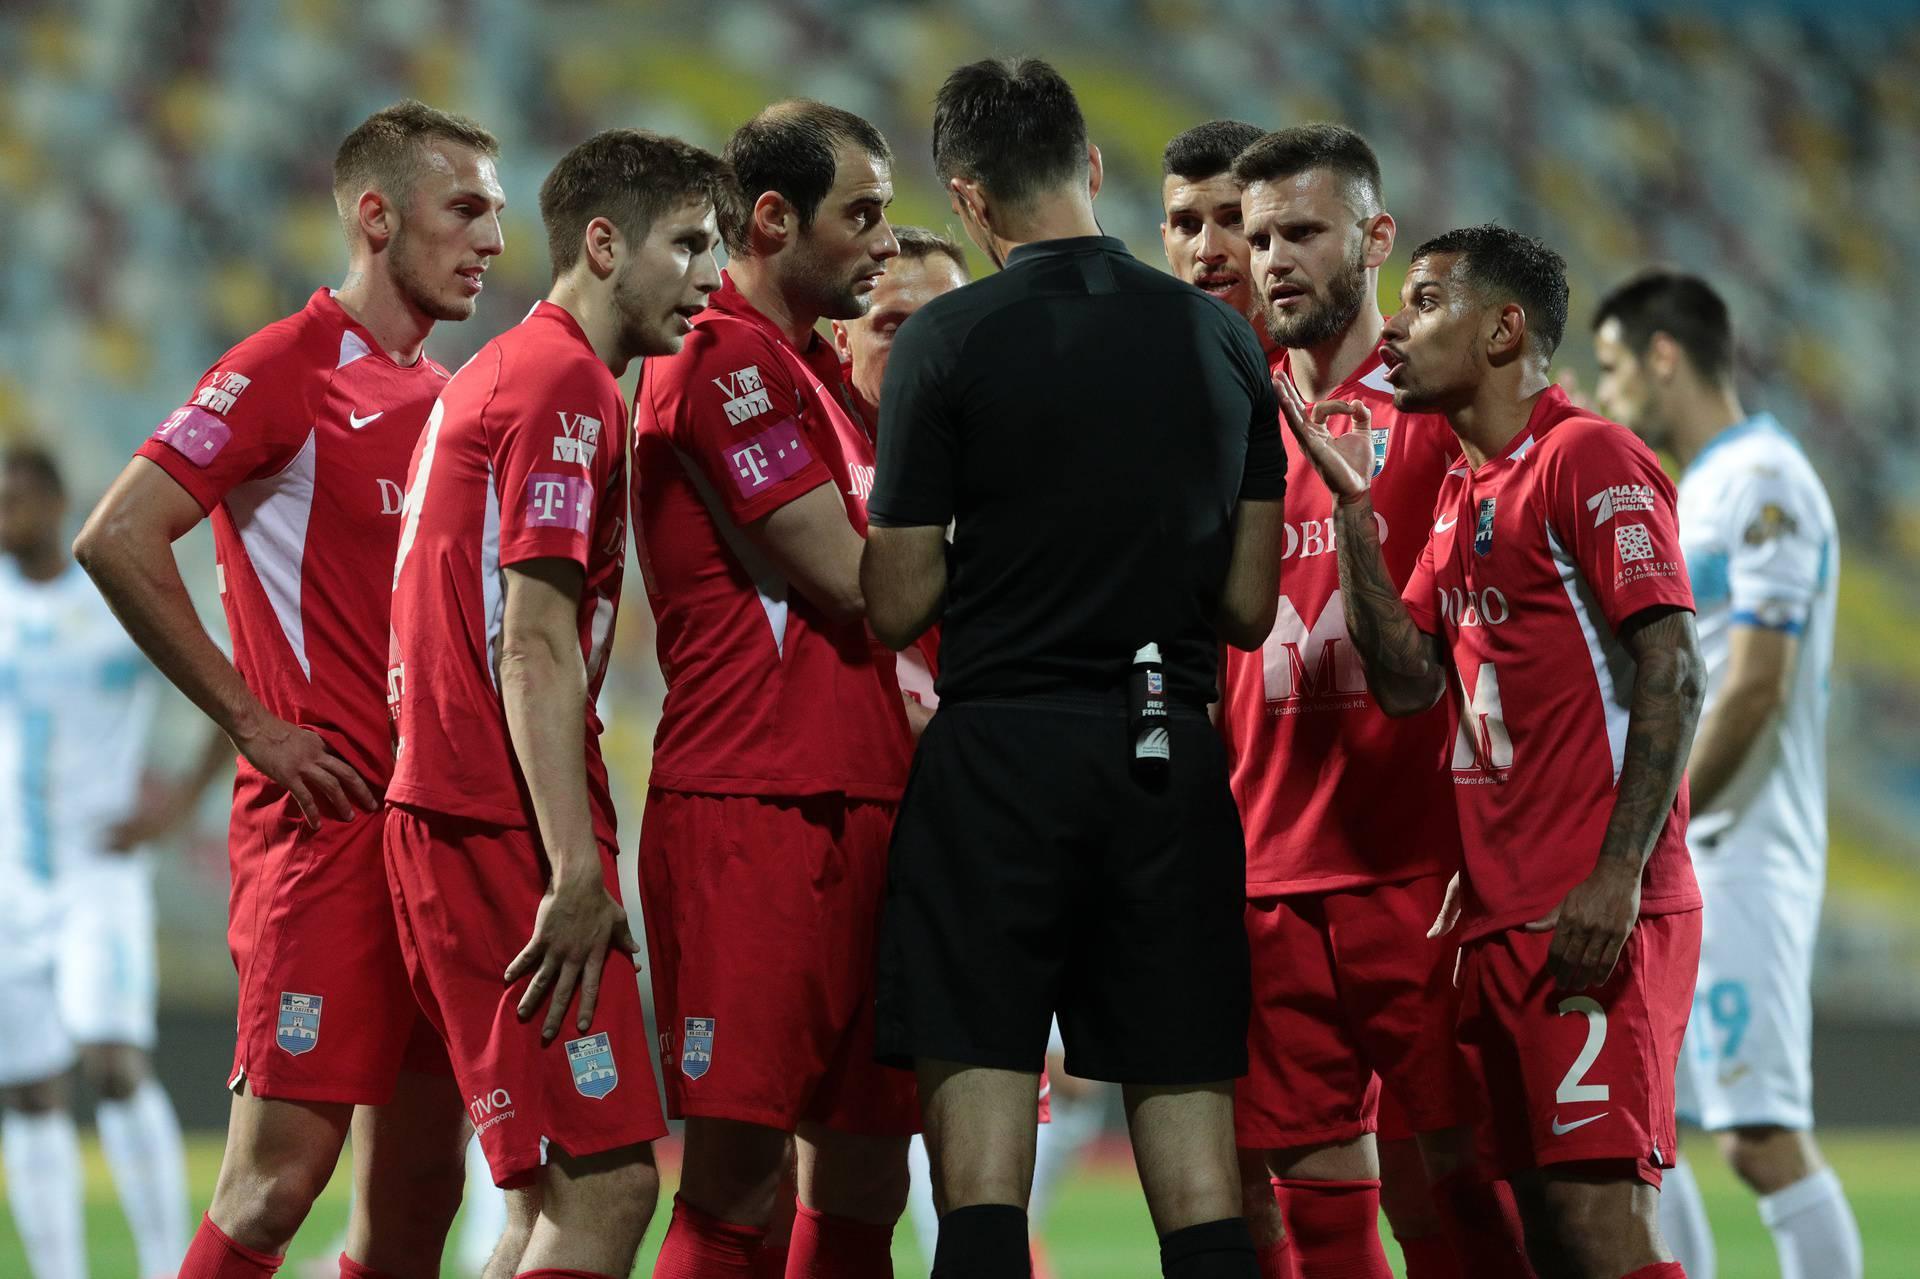 Pajač je opisao kako su ga vrijeđali: 'Smeće jedno, kako te nije sram, uništio si utakmicu'